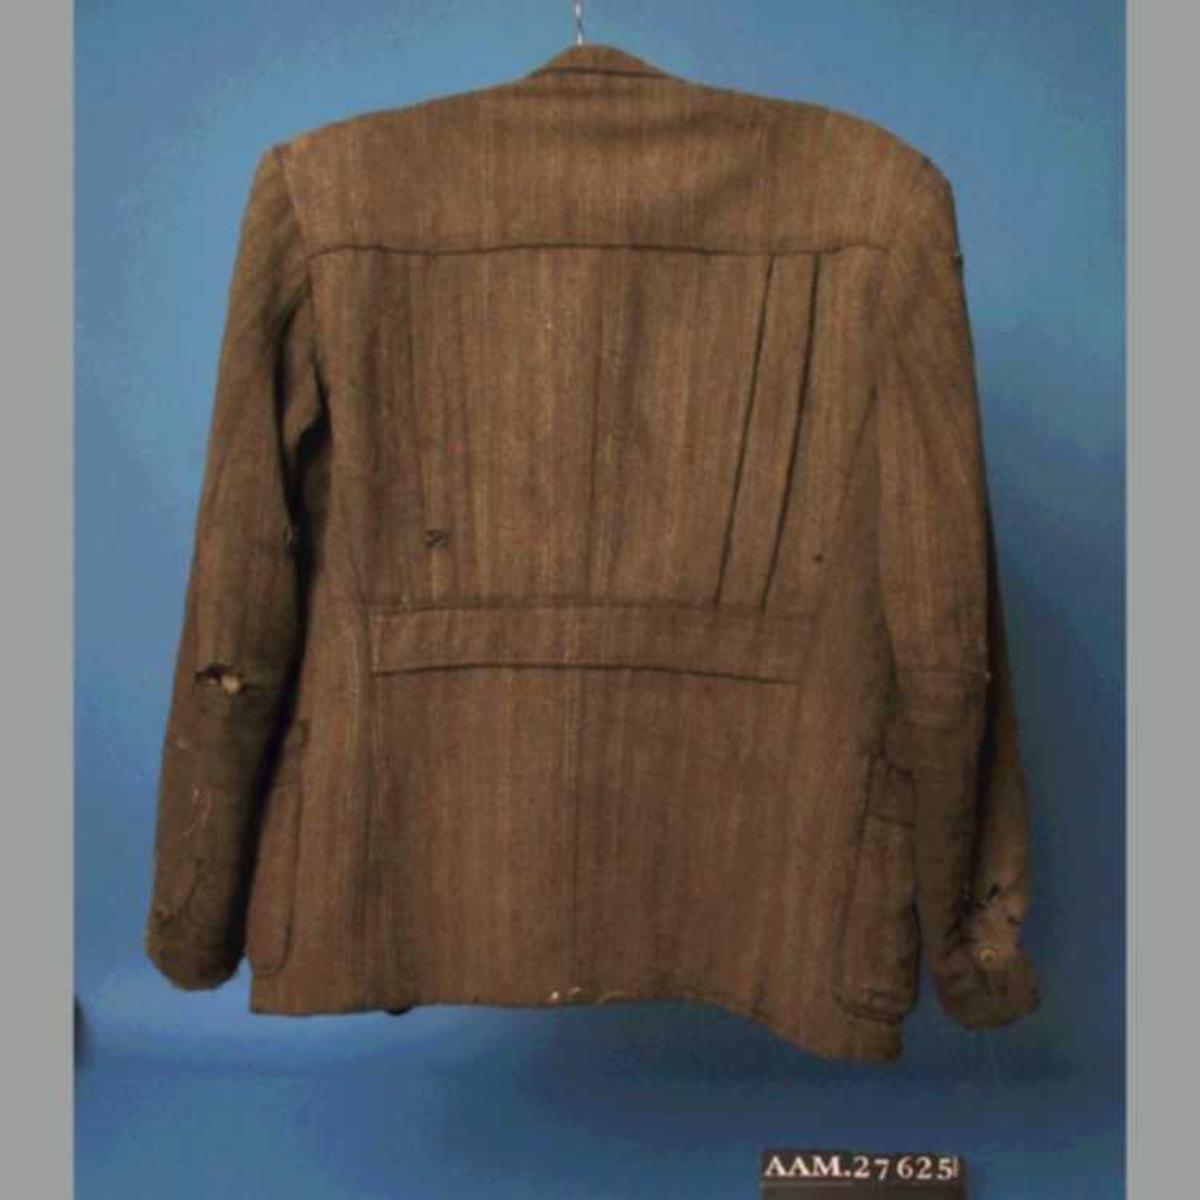 Stipet stoff, krisevare produsert under 2.verdenskrig, blanding av ull og cellull, som ble laget av cellulose. Foret var gammelt - enten noe de hadde liggende, eller sprettet av gamle klær.  Snittet er litt spesielt, trolig for å utnytte små biter stoff.